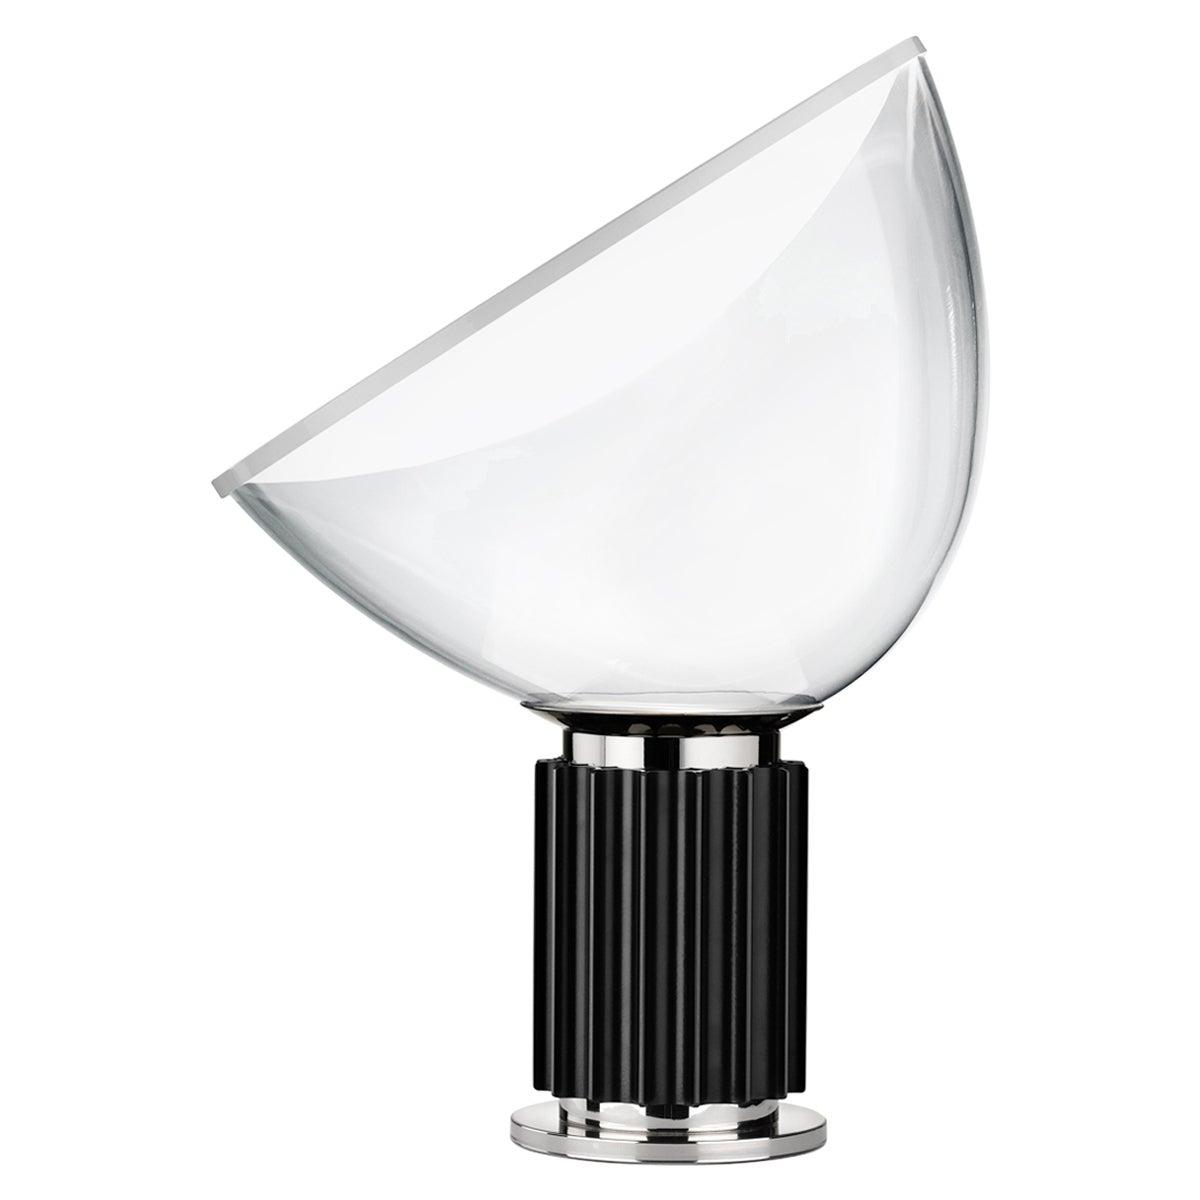 FLOS Taccia Small Table Lamp in Black by Achille & Pier Giacomo Castiglioni